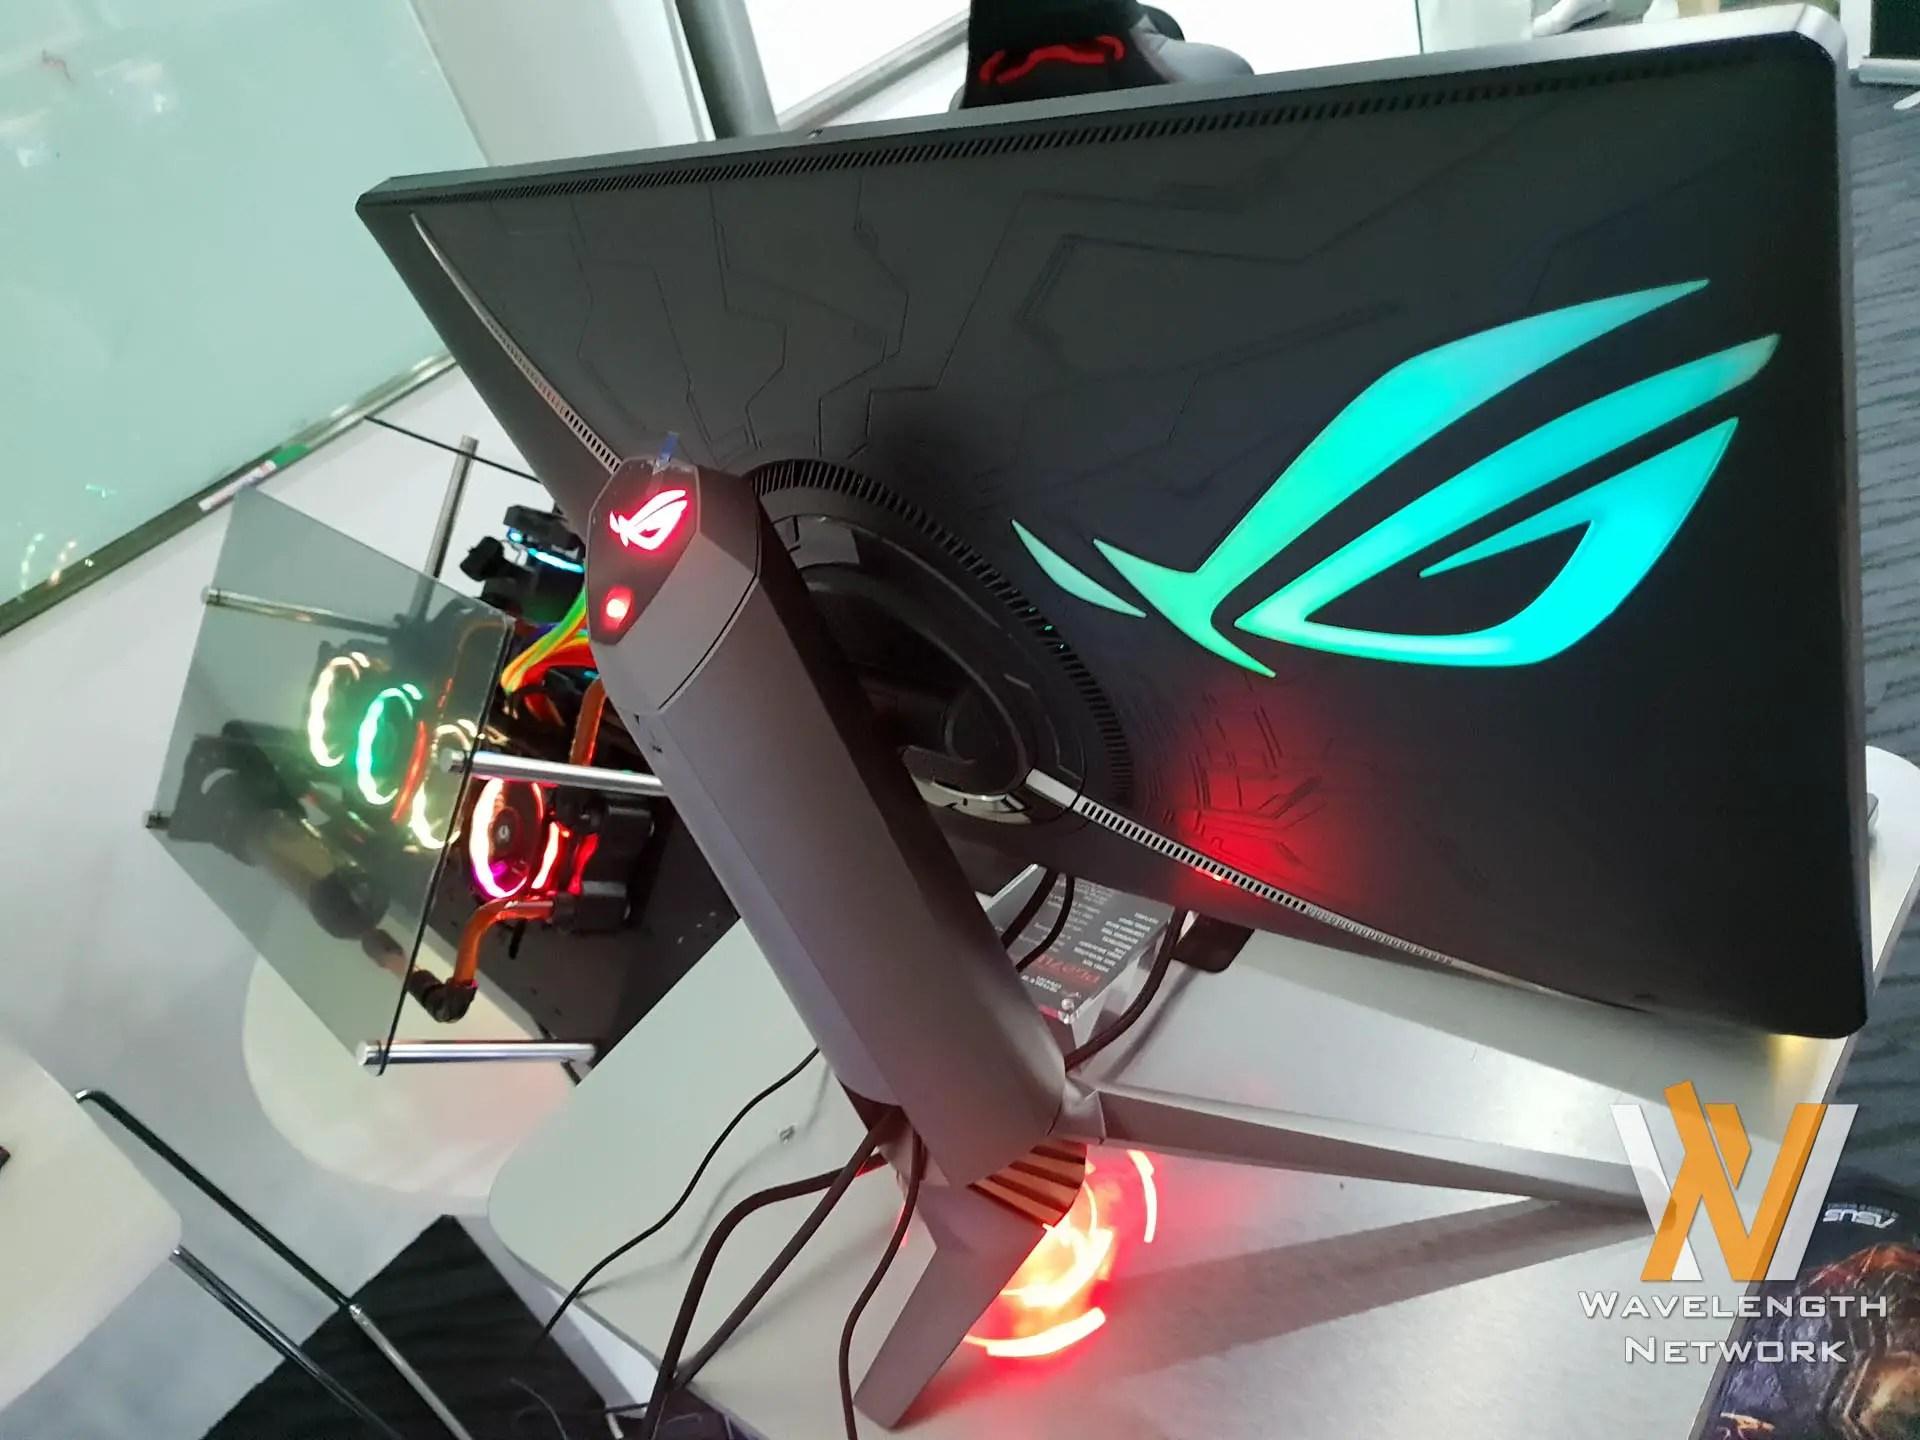 Asus Showcases Latest Monitors Including Rog Swift Pg27uq Monitor Vc239h Eye Care Frameless 23 Full Hd Ips Speaker Tuv